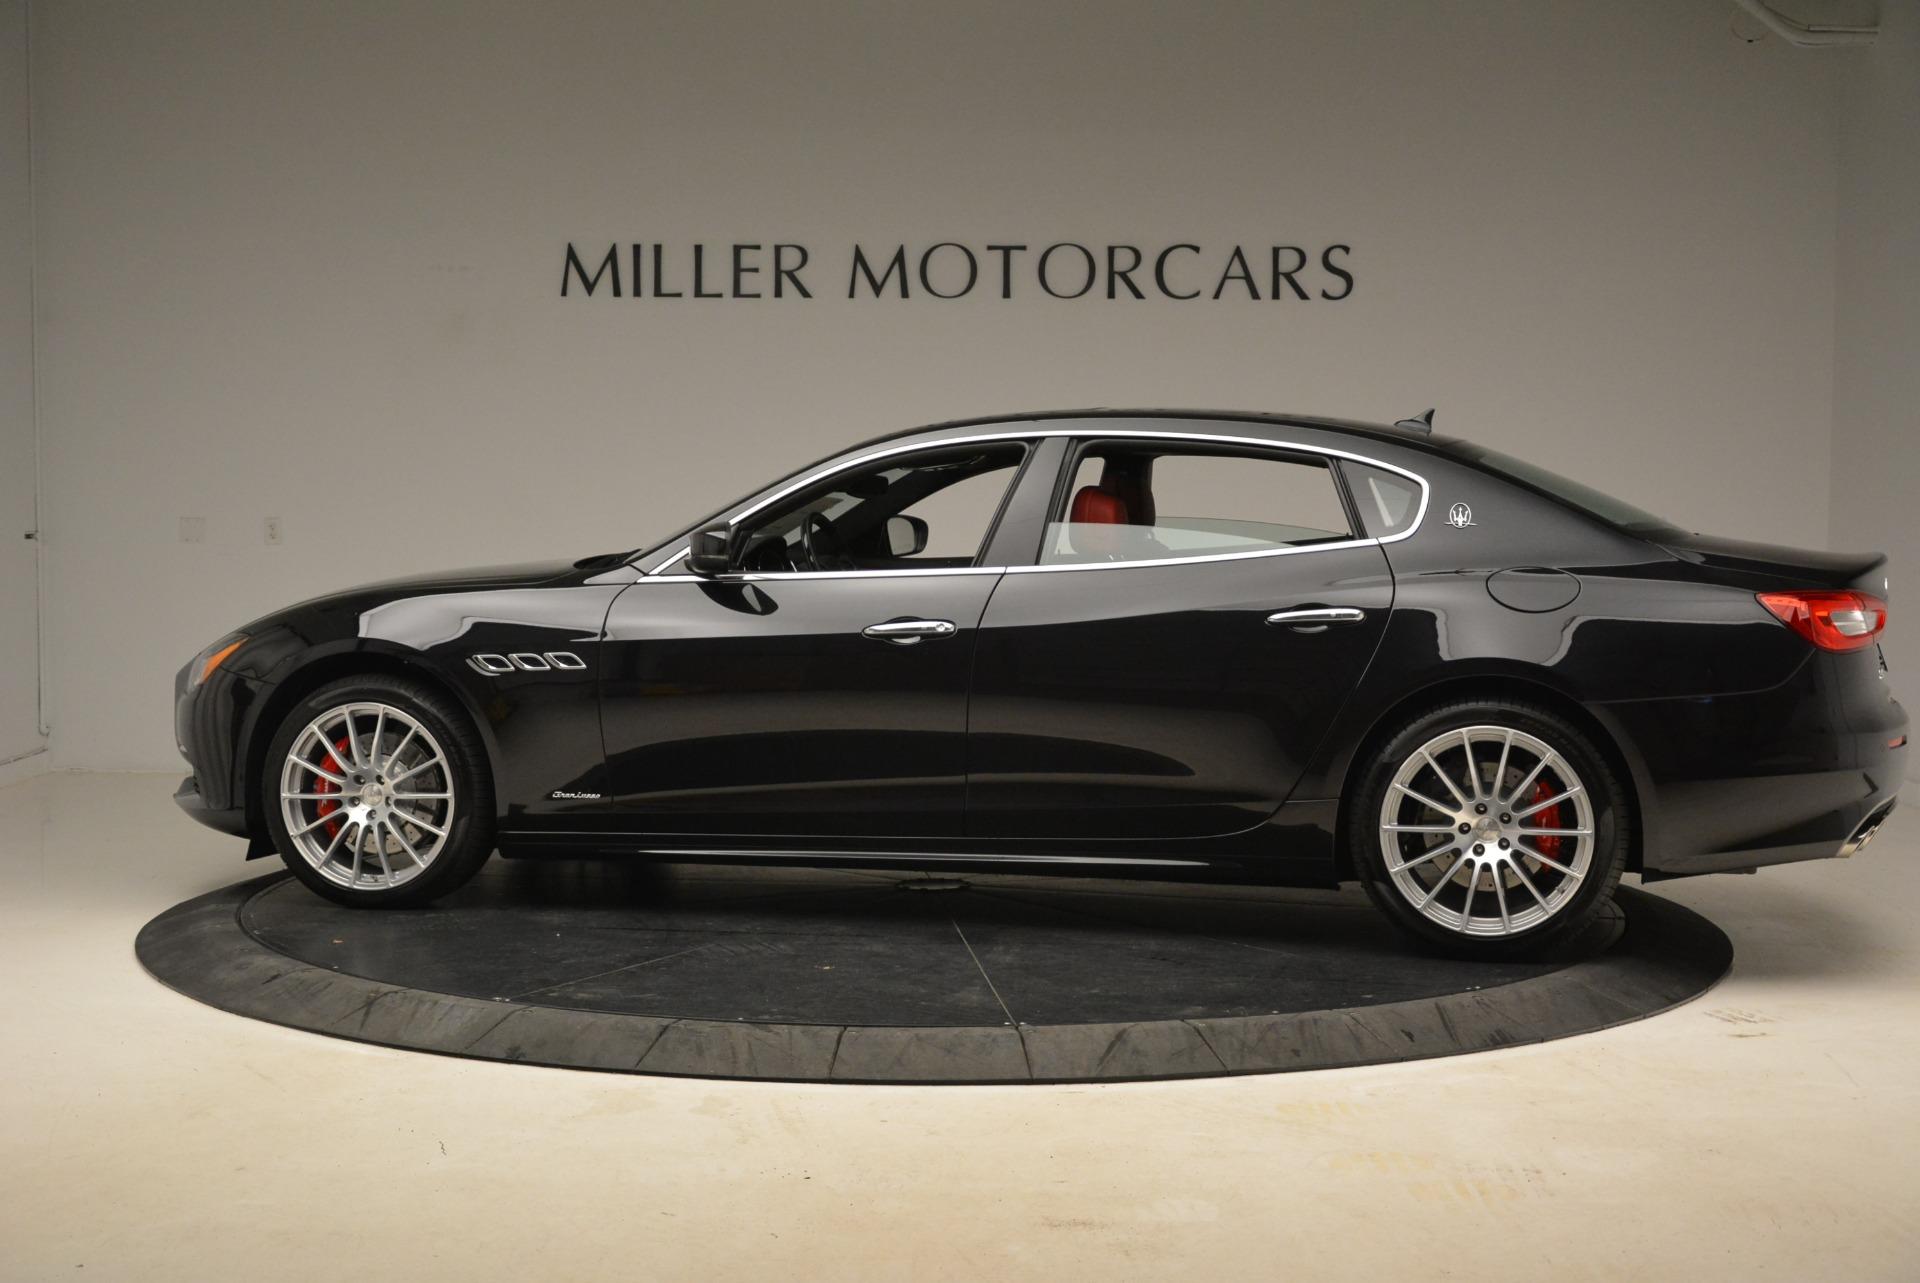 New 2018 Maserati Quattroporte S Q4 GranLusso For Sale In Westport, CT 2088_p5